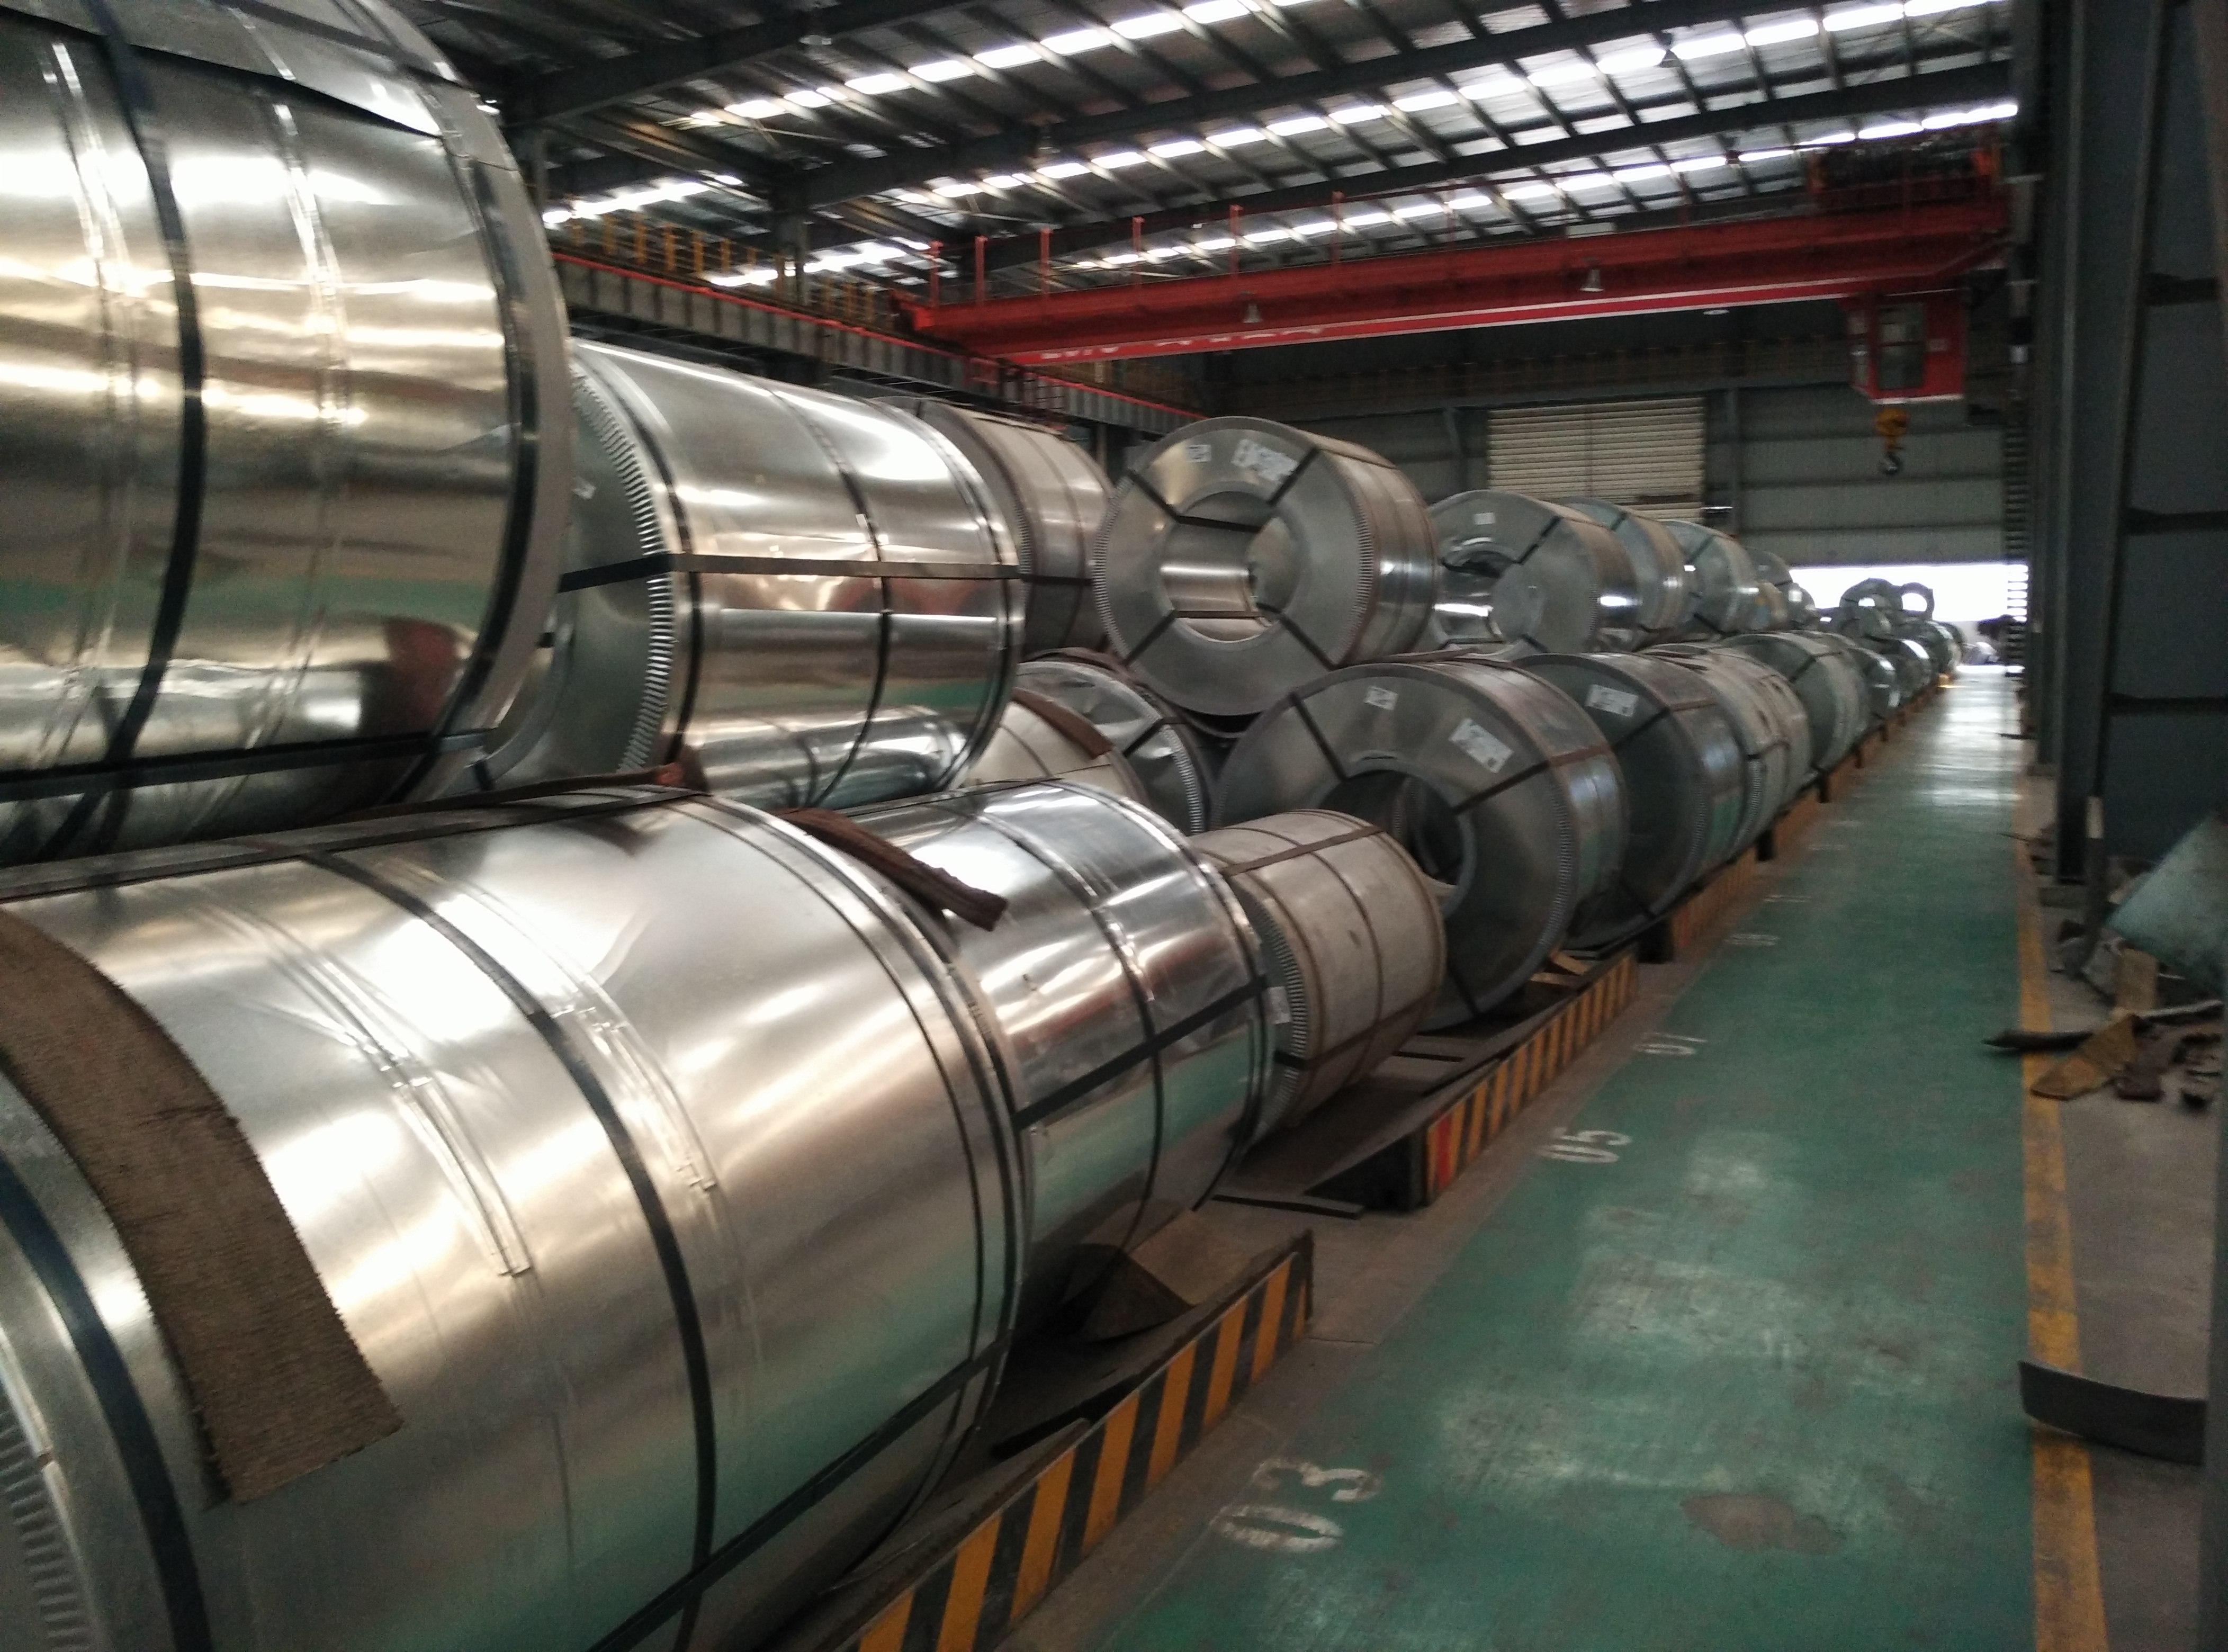 武钢硅钢-佛山武钢硅钢厂家-佛山武钢硅钢厂家价格-佛山武钢硅钢市场价